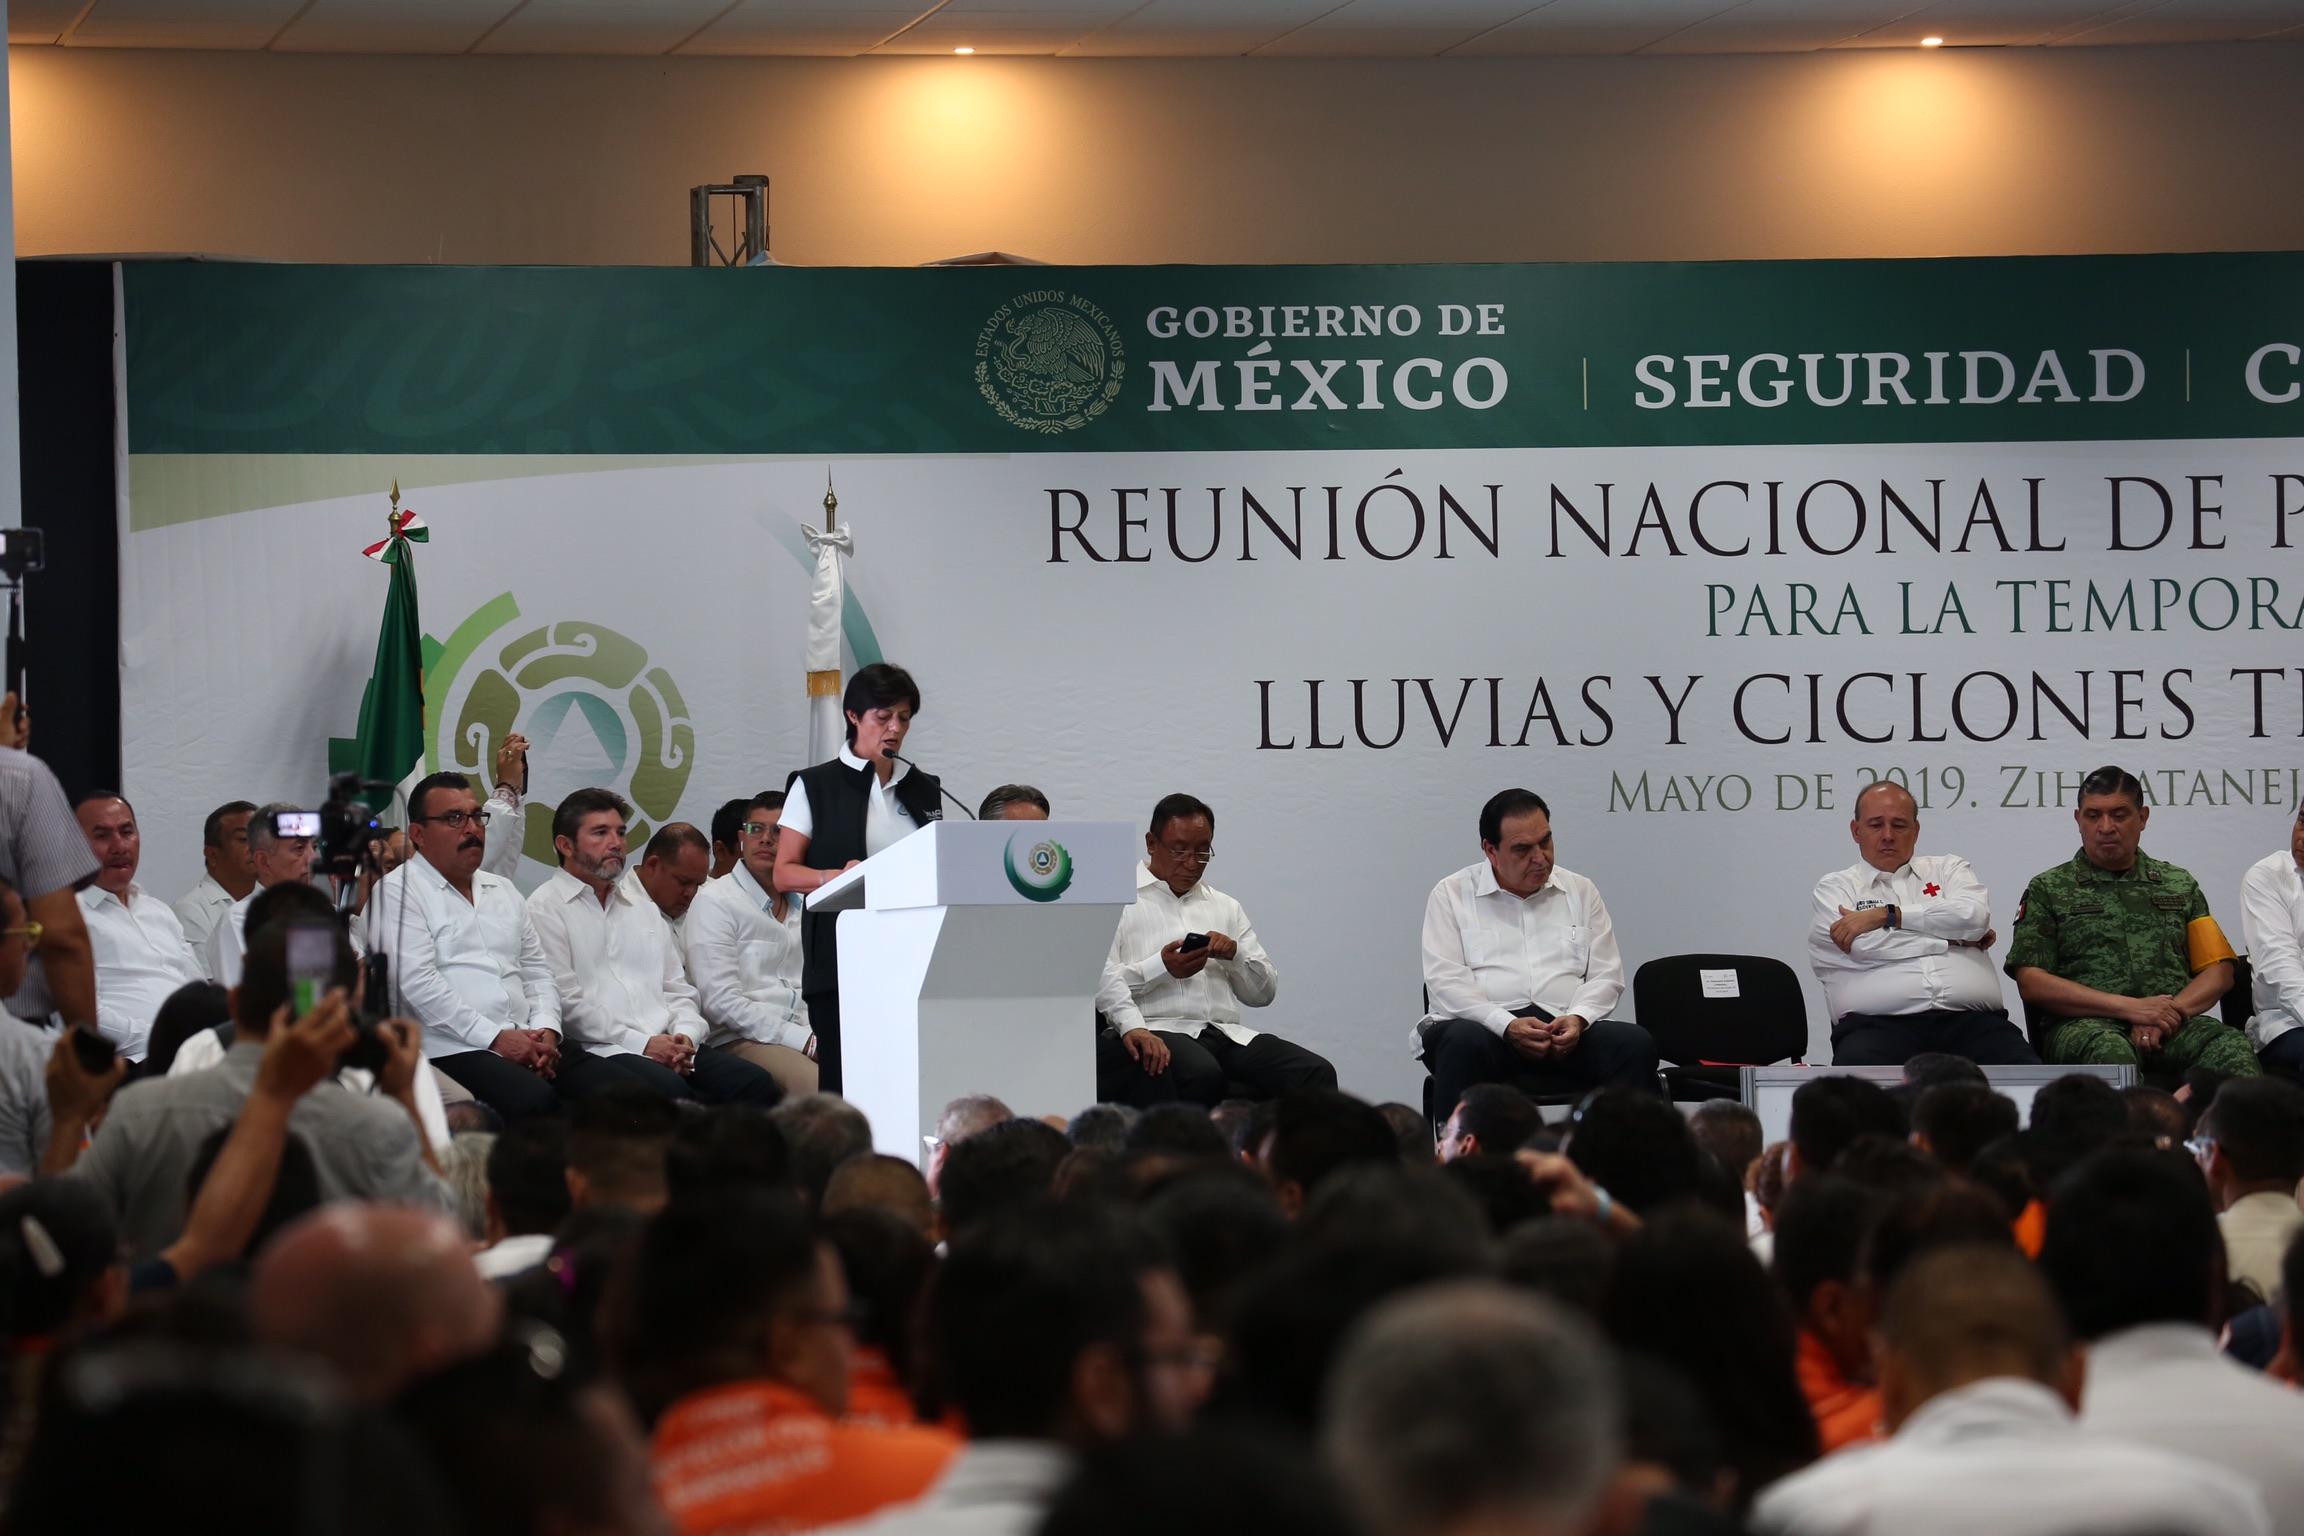 Ante el riesgo potencial que representan los ciclones, Blanca Jiménez destacó que la Conagua cuenta con un plan de actuación para antes, durante y después de que ocurran.